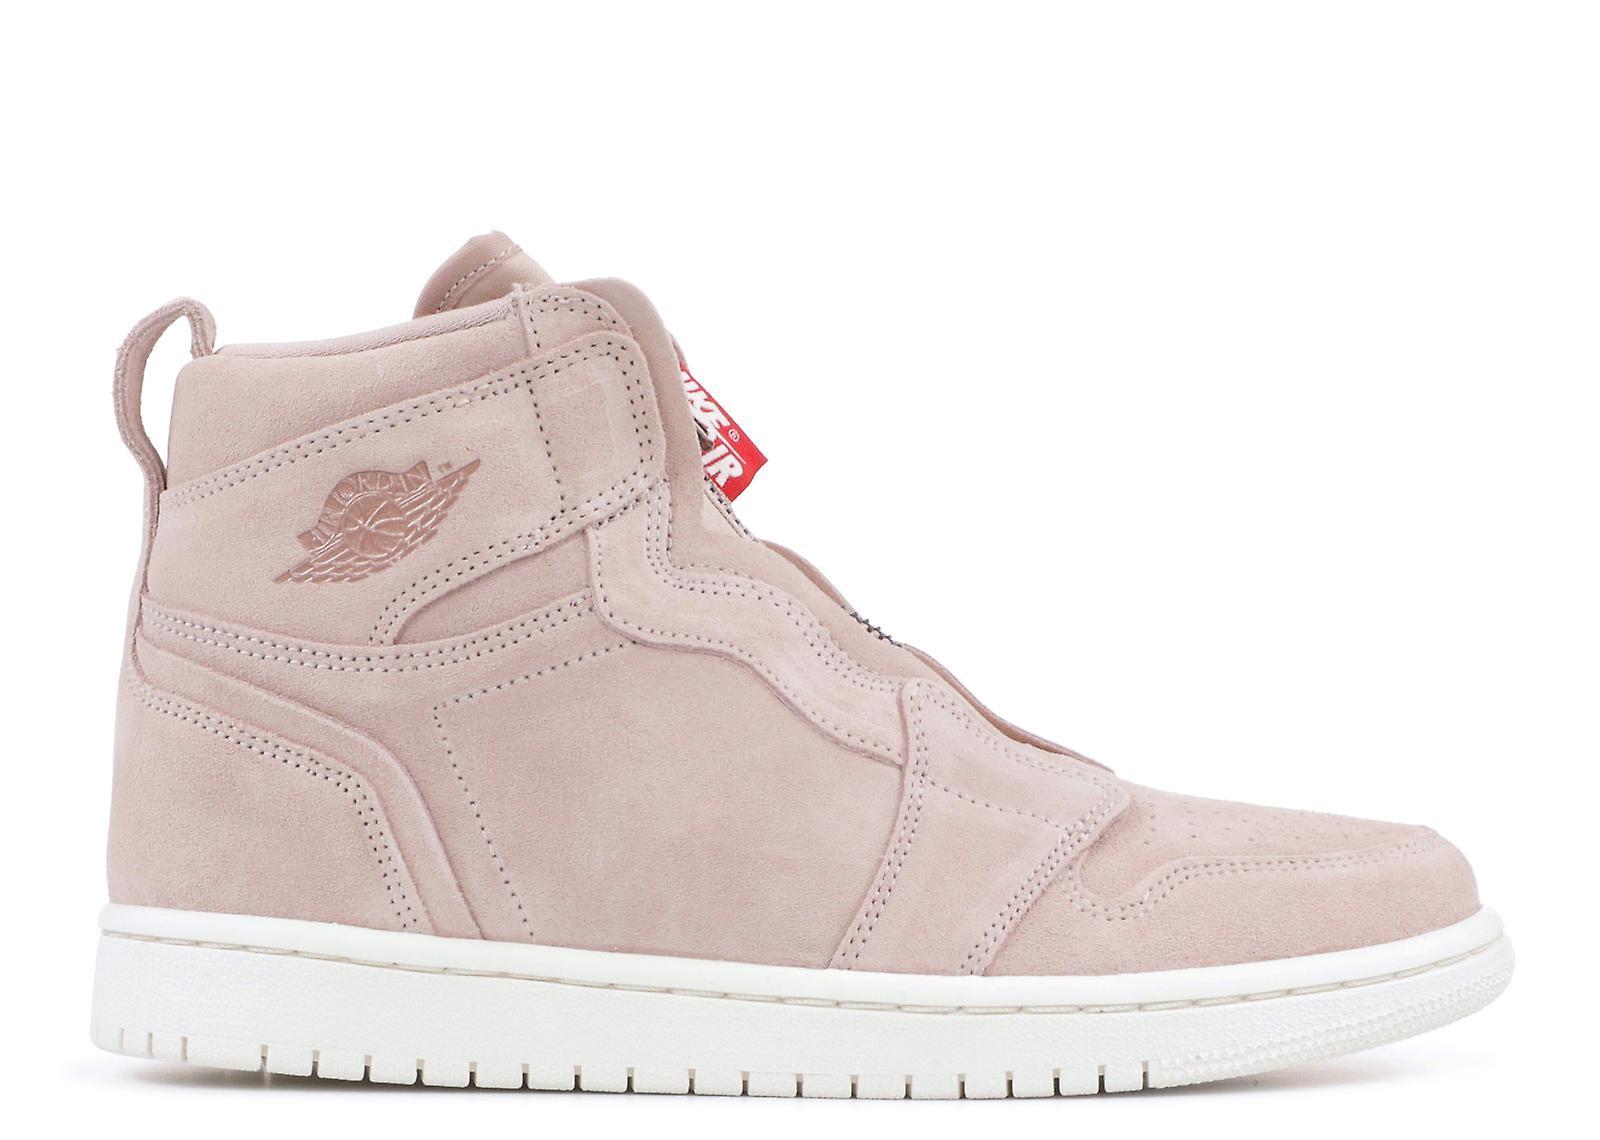 Air Jordan 1 High zip kvinner-Aq3742-205-sko